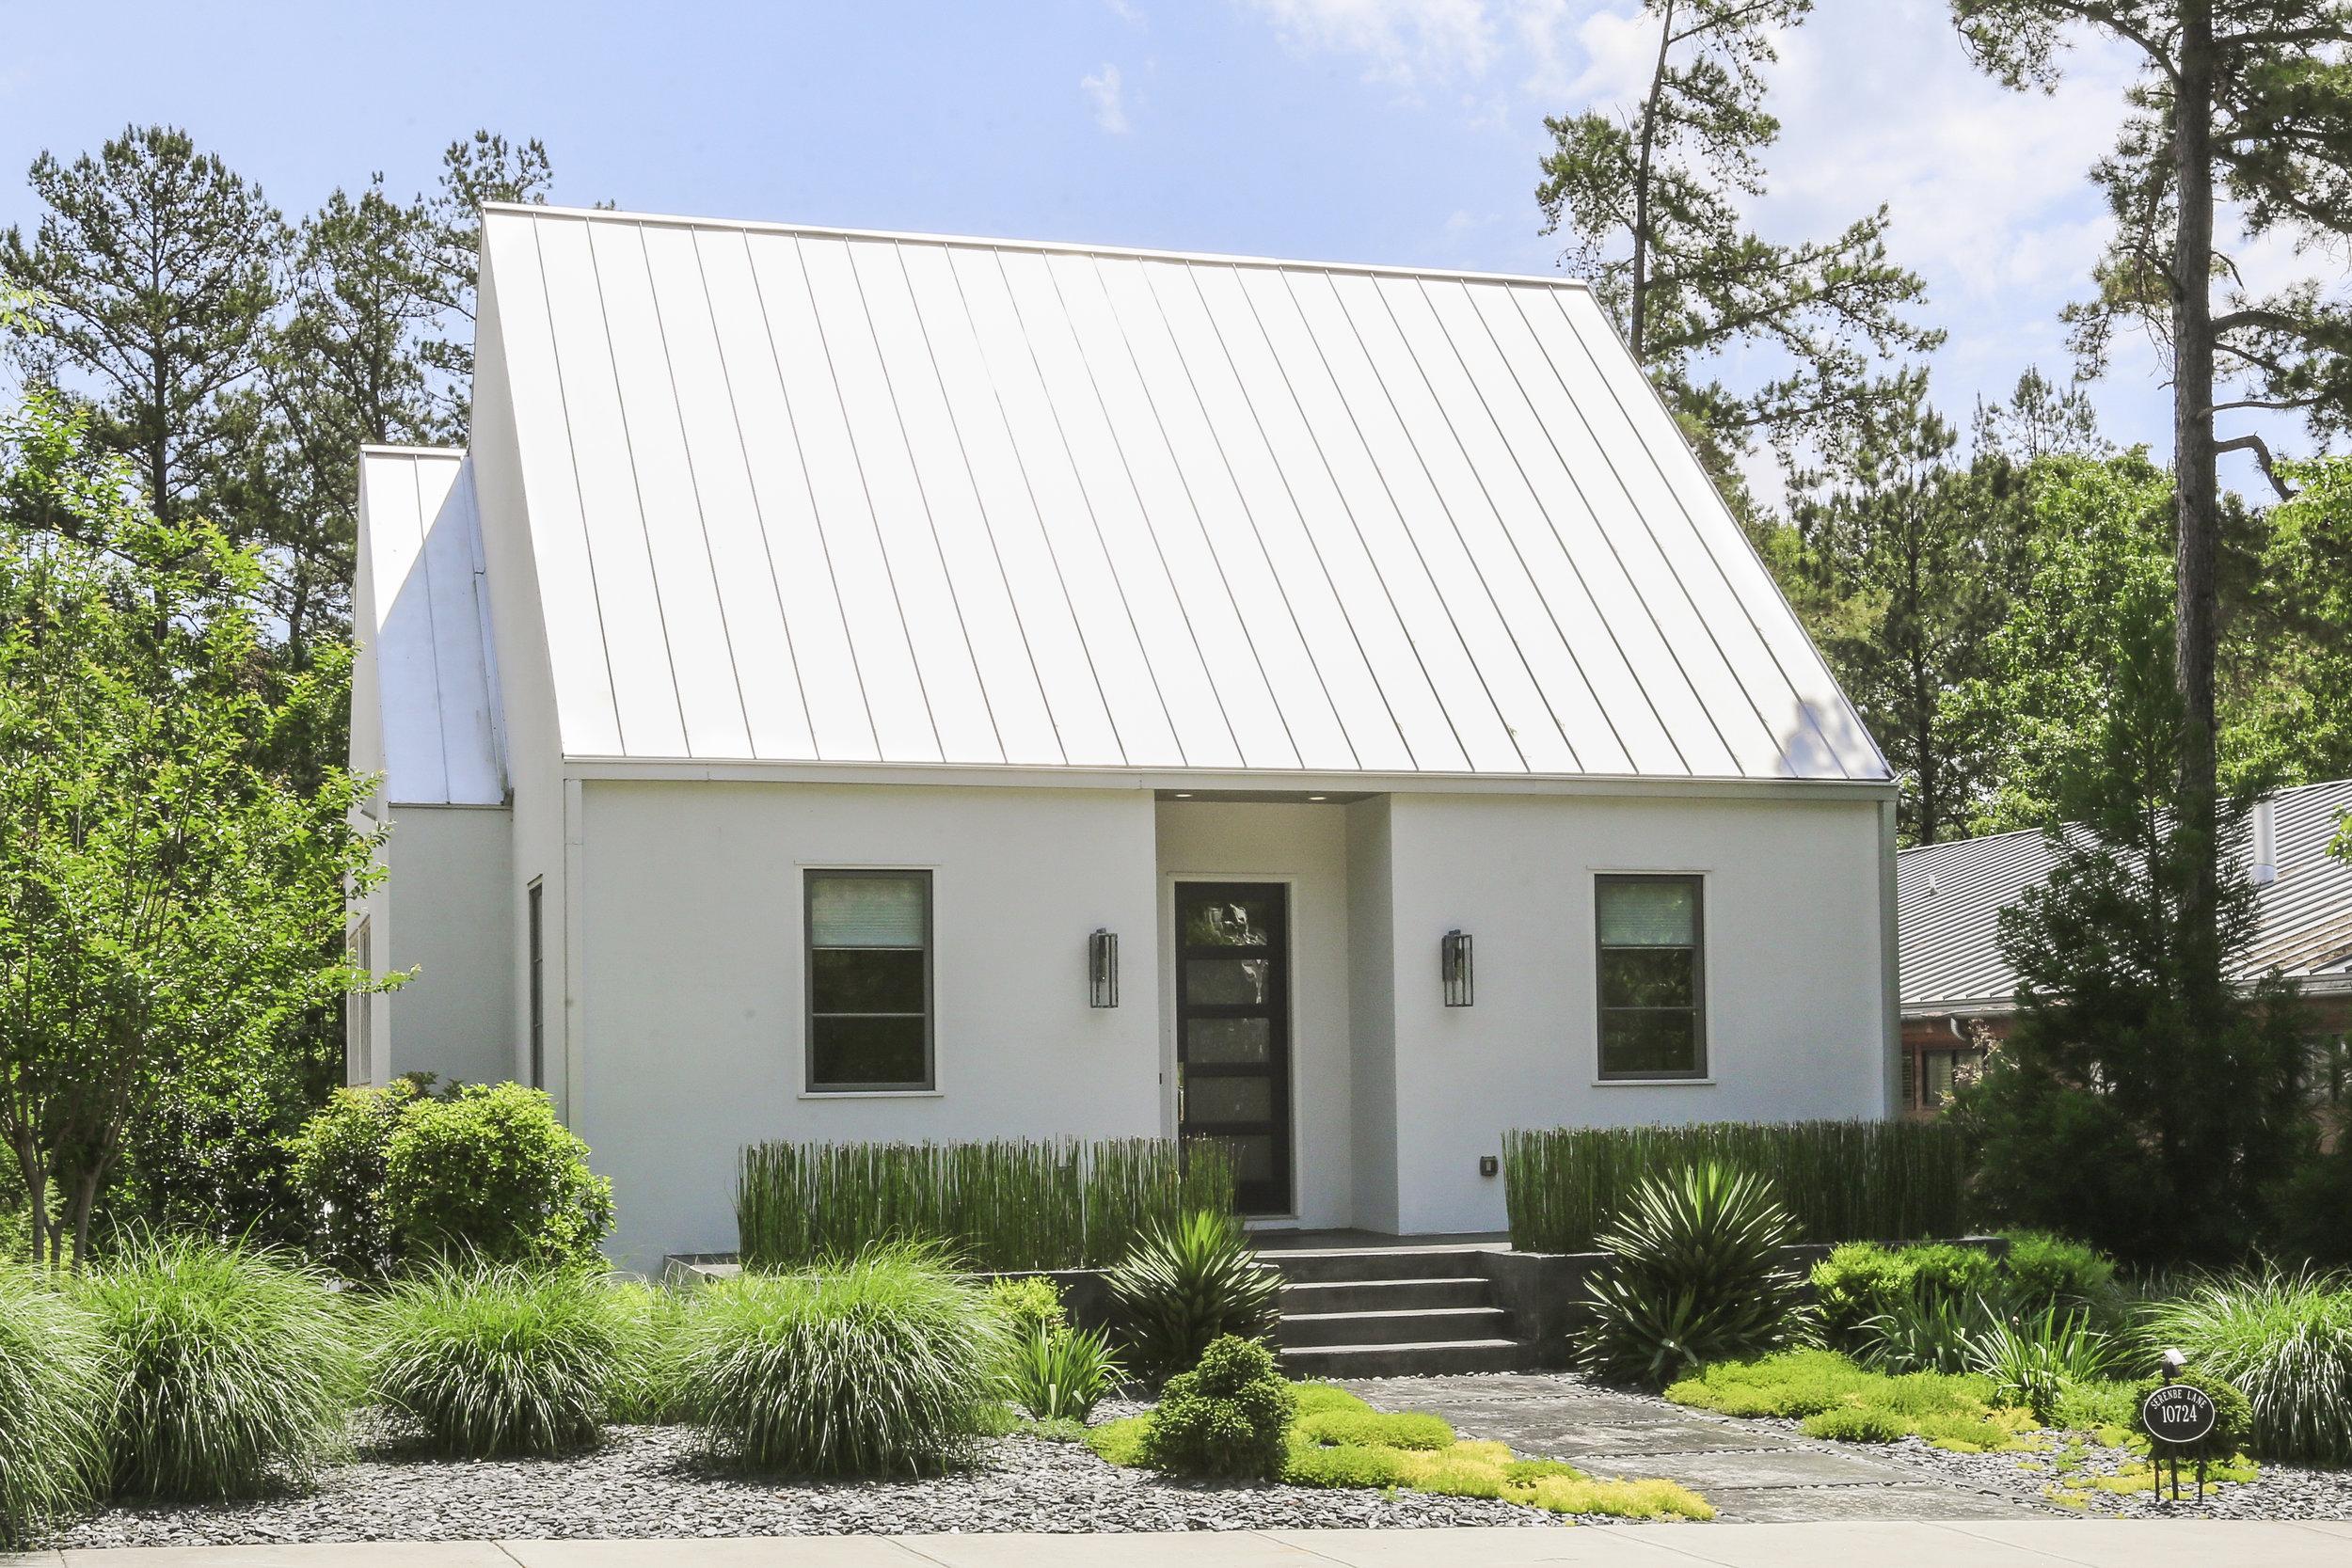 Modern Cottage     4 Beds 3 Baths 3,161 SQFT    Serenbe Community    Chattahoochee Hills, GA